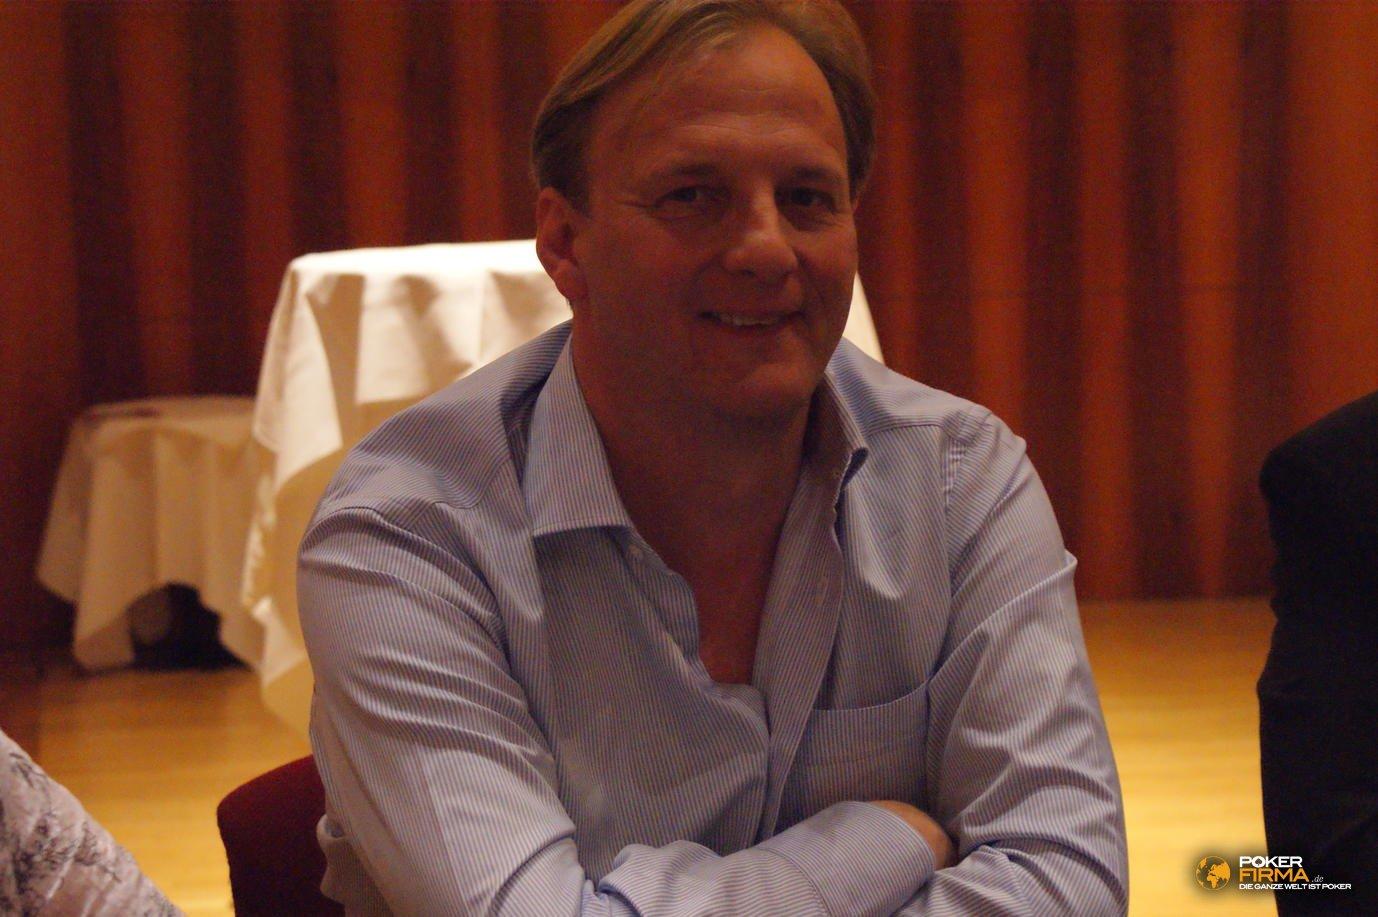 capt_velden_nlh_120709_ralph_liermann.jpg